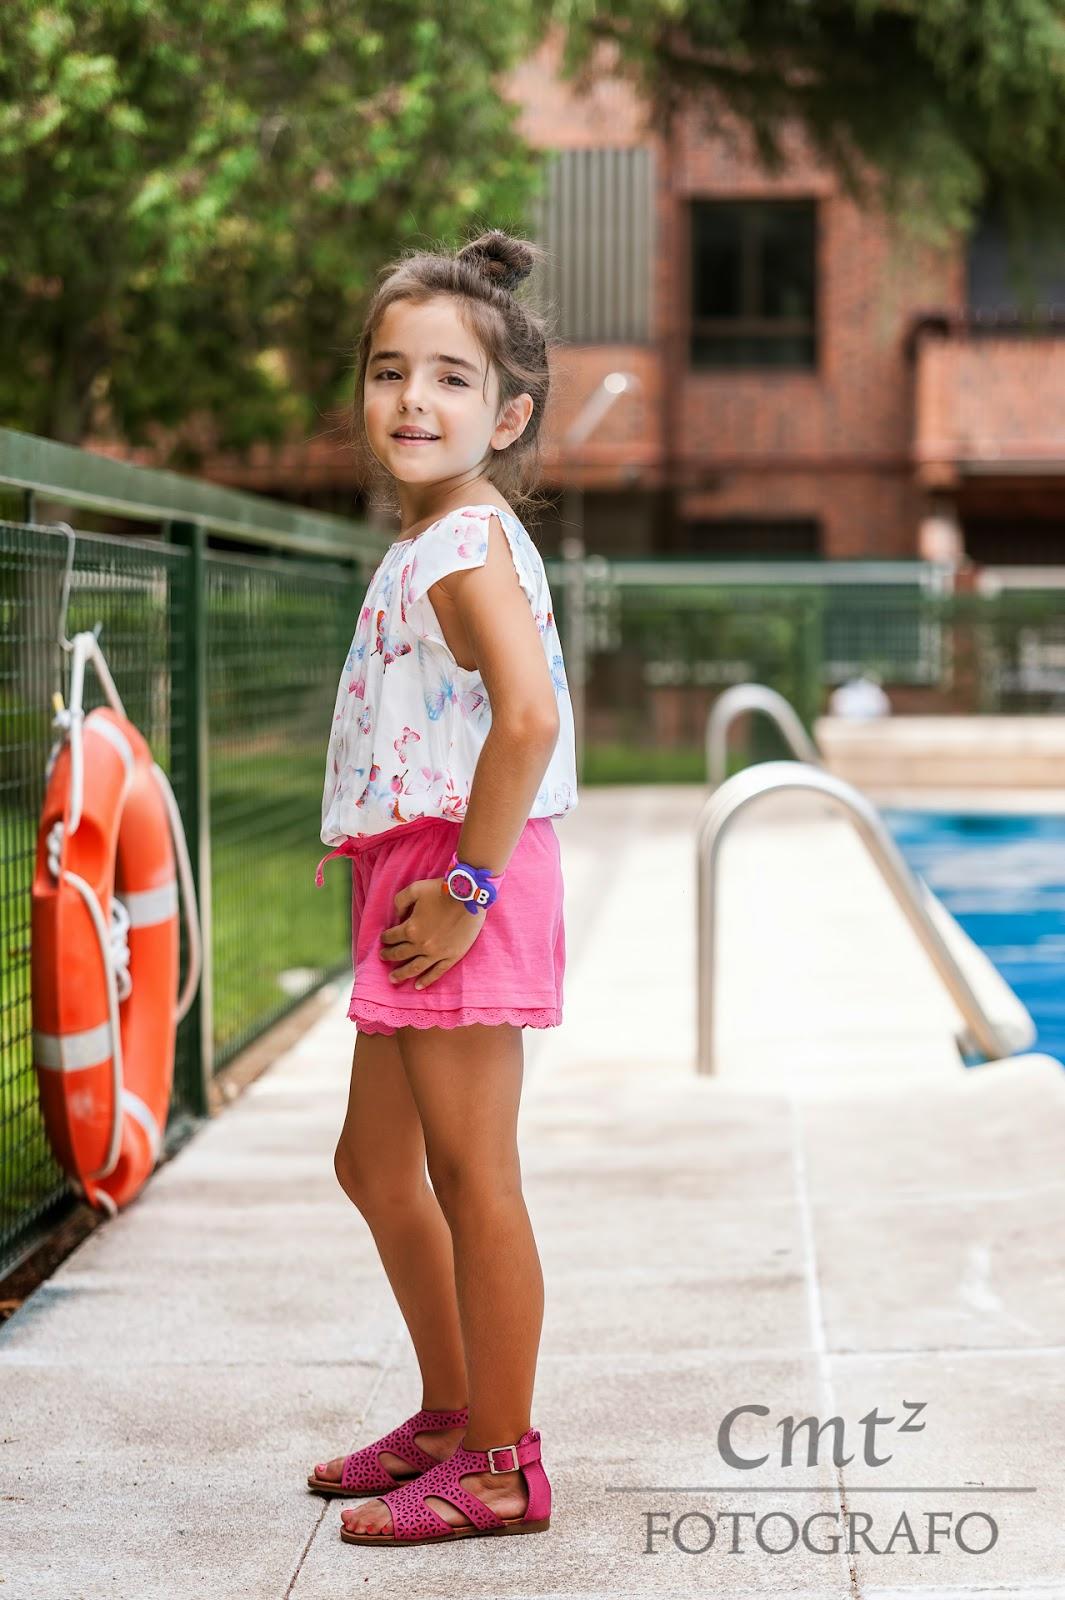 Outfit moda niña Pequeña Fashionista verano 2014